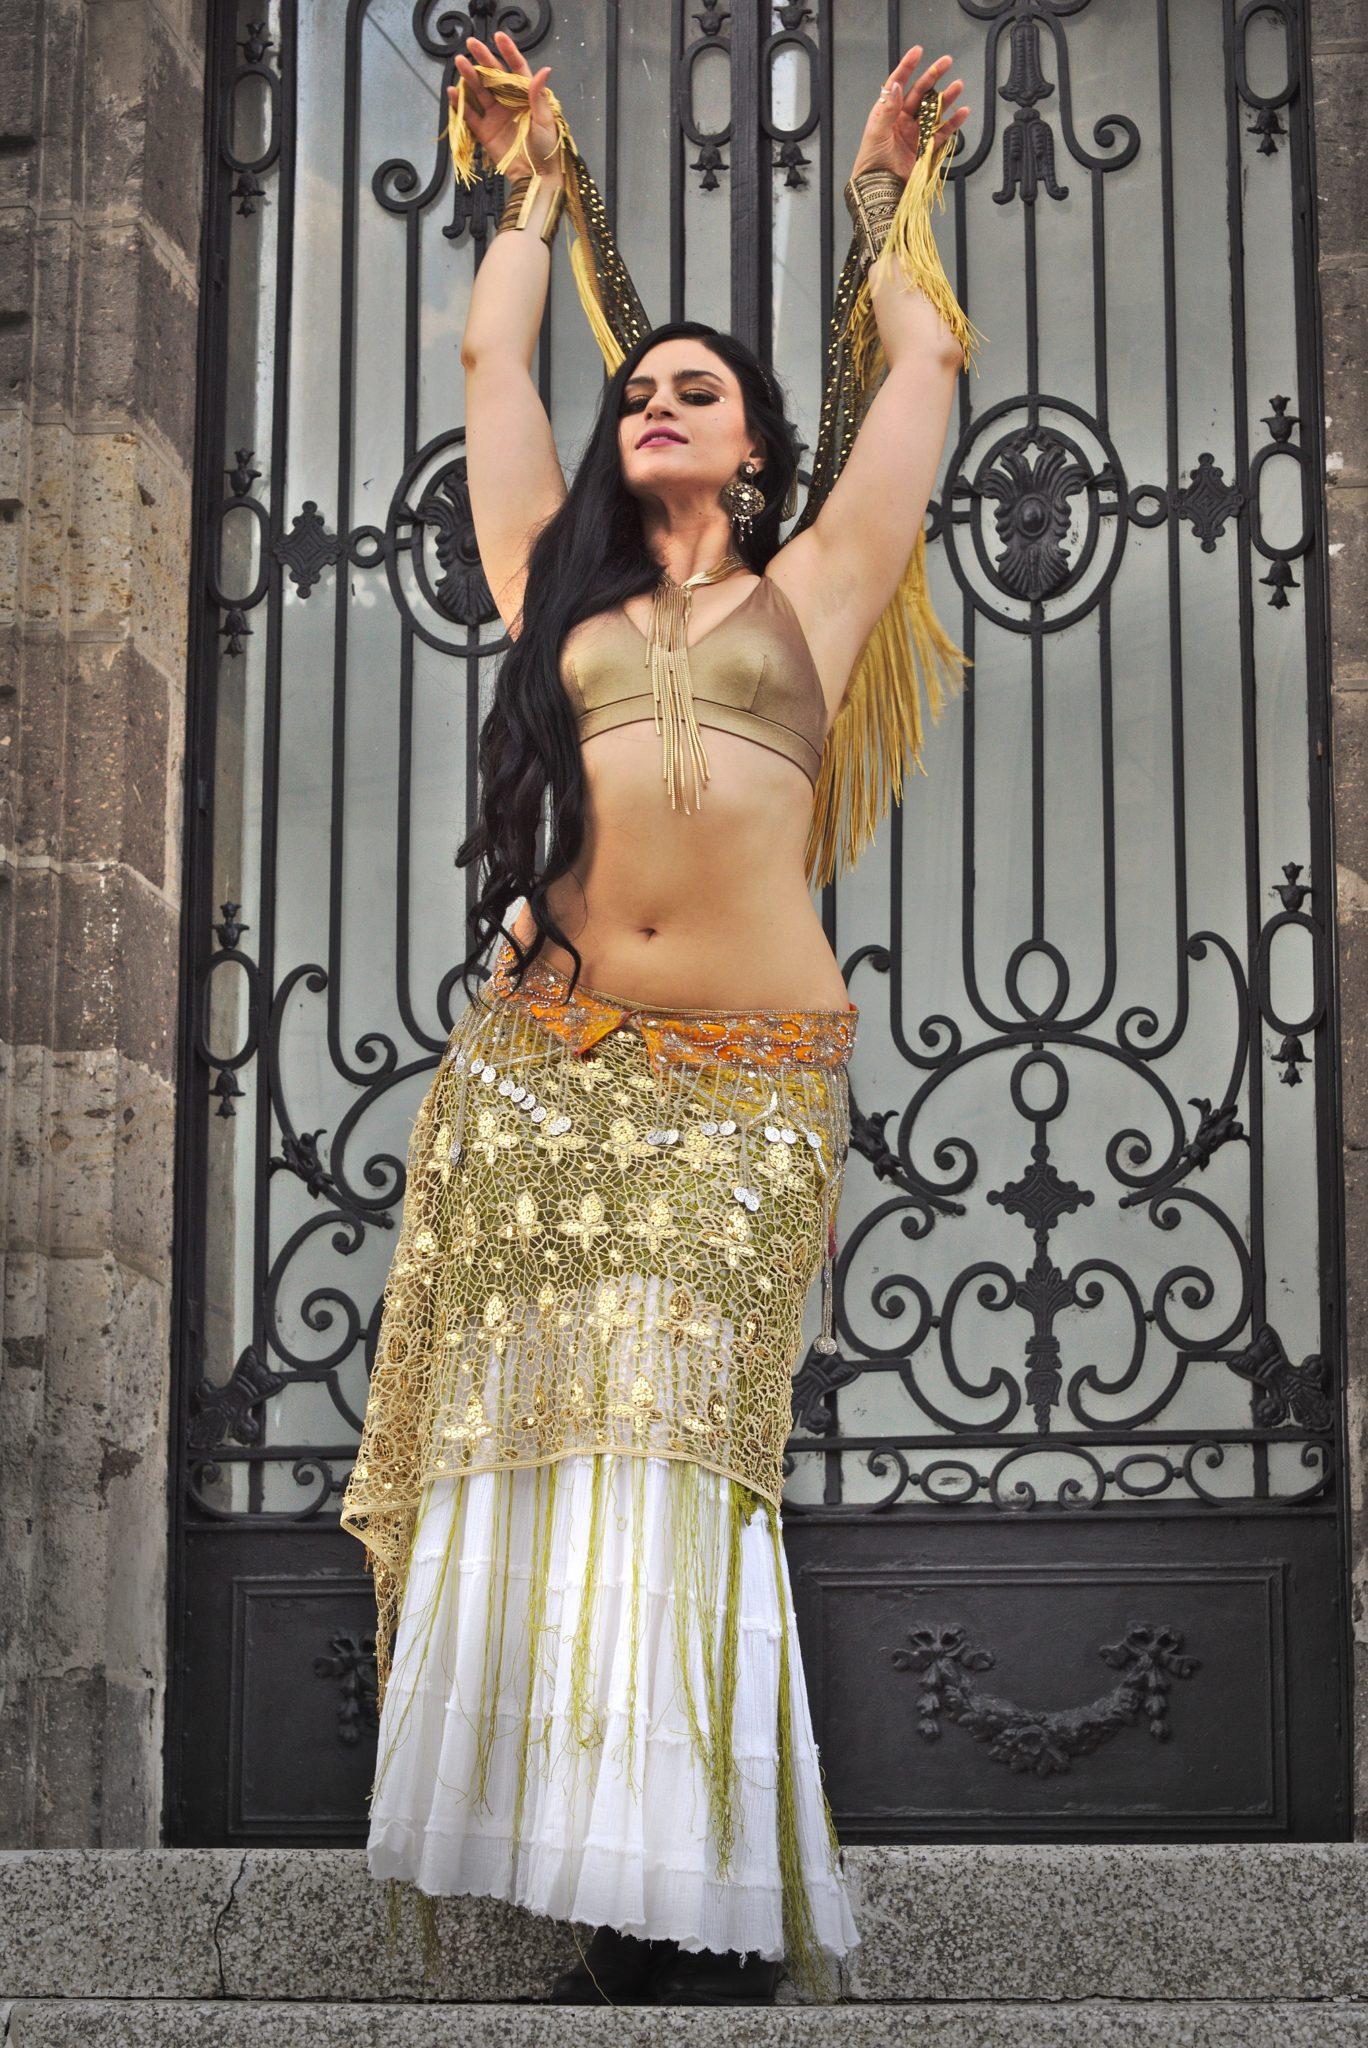 danza del-vientre-triba